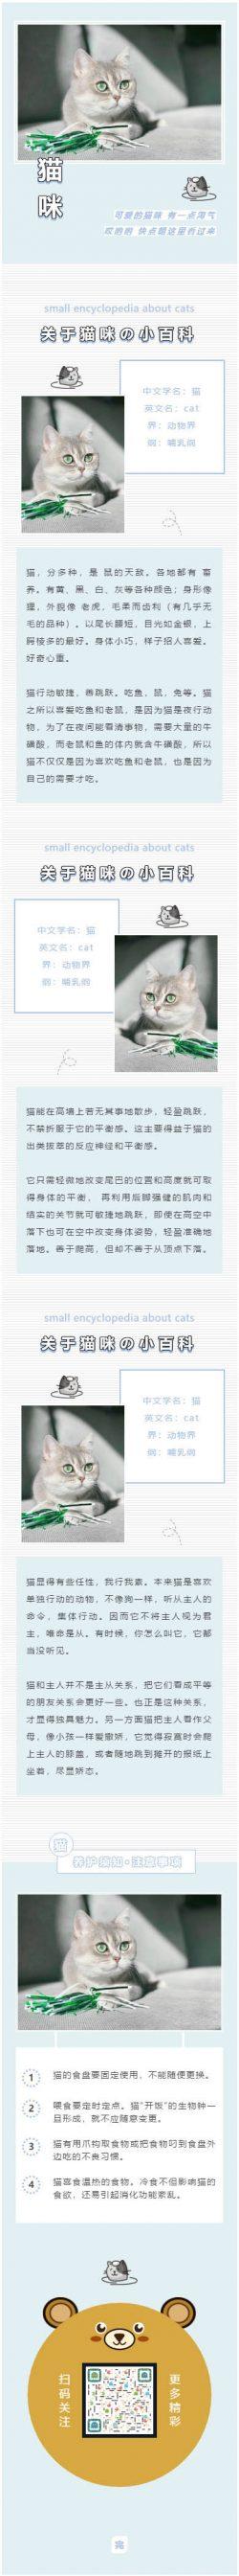 宠物模板微信公众号模板灰色条纹背景图猫咪素材